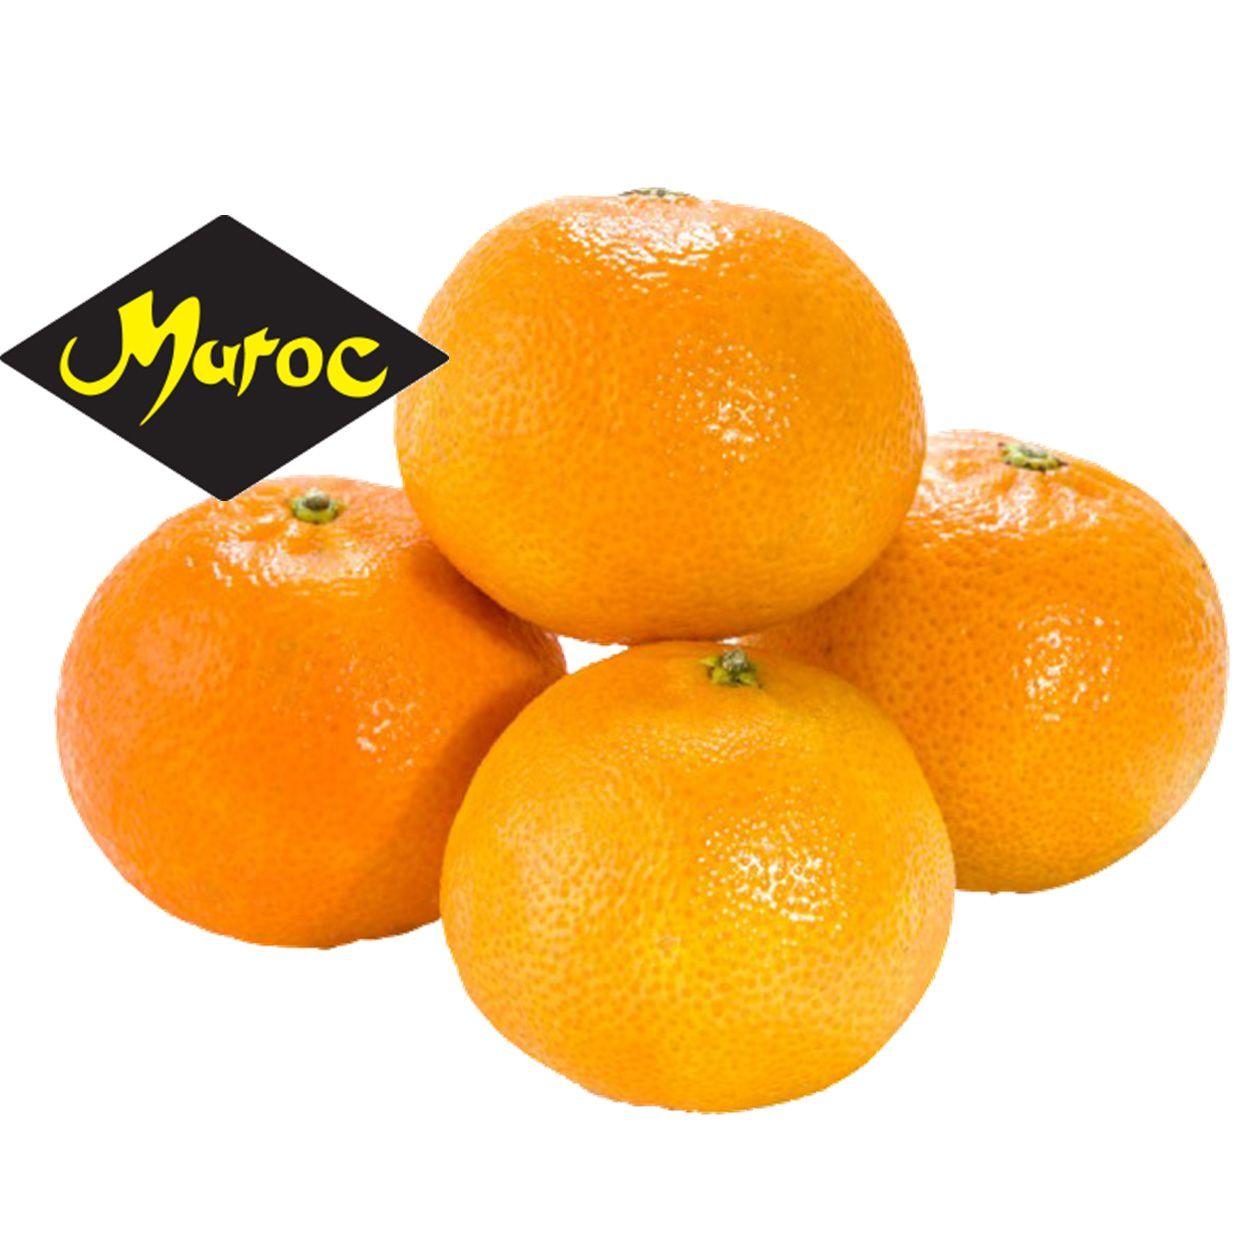 Maroc Clementines per kilo